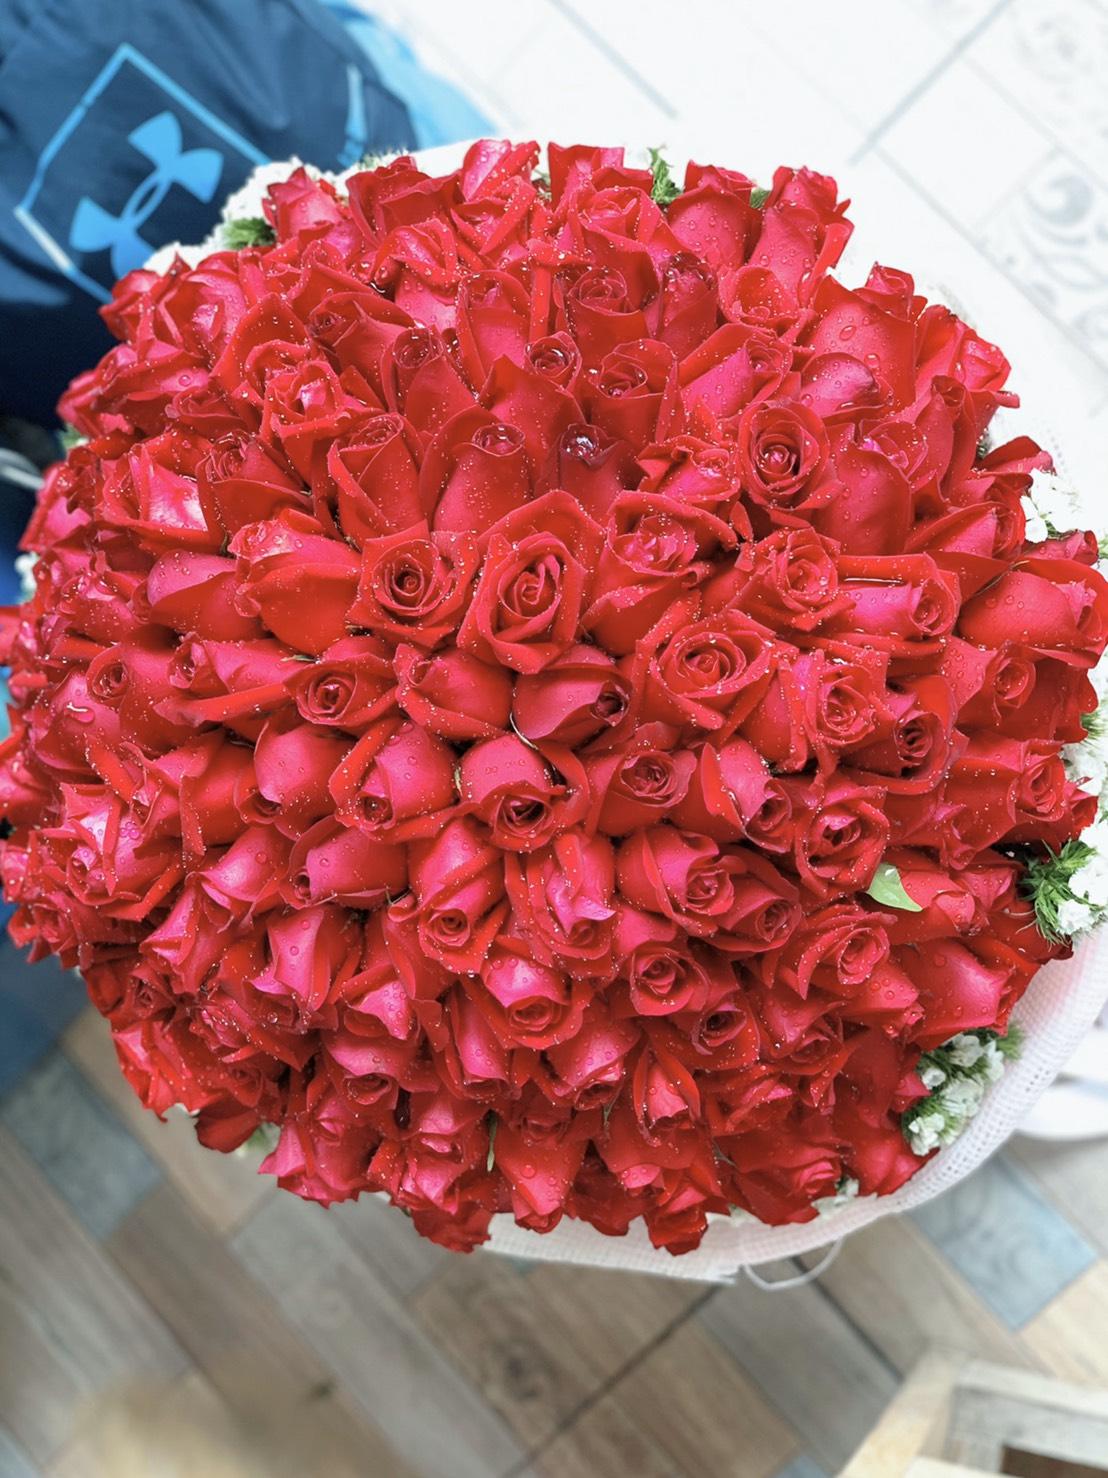 จัดหนักจัดเต็มด้วยช่อดอกกุหลาบไซส์มหึมา มีสีแดงสวยเด่นสะดุดตา